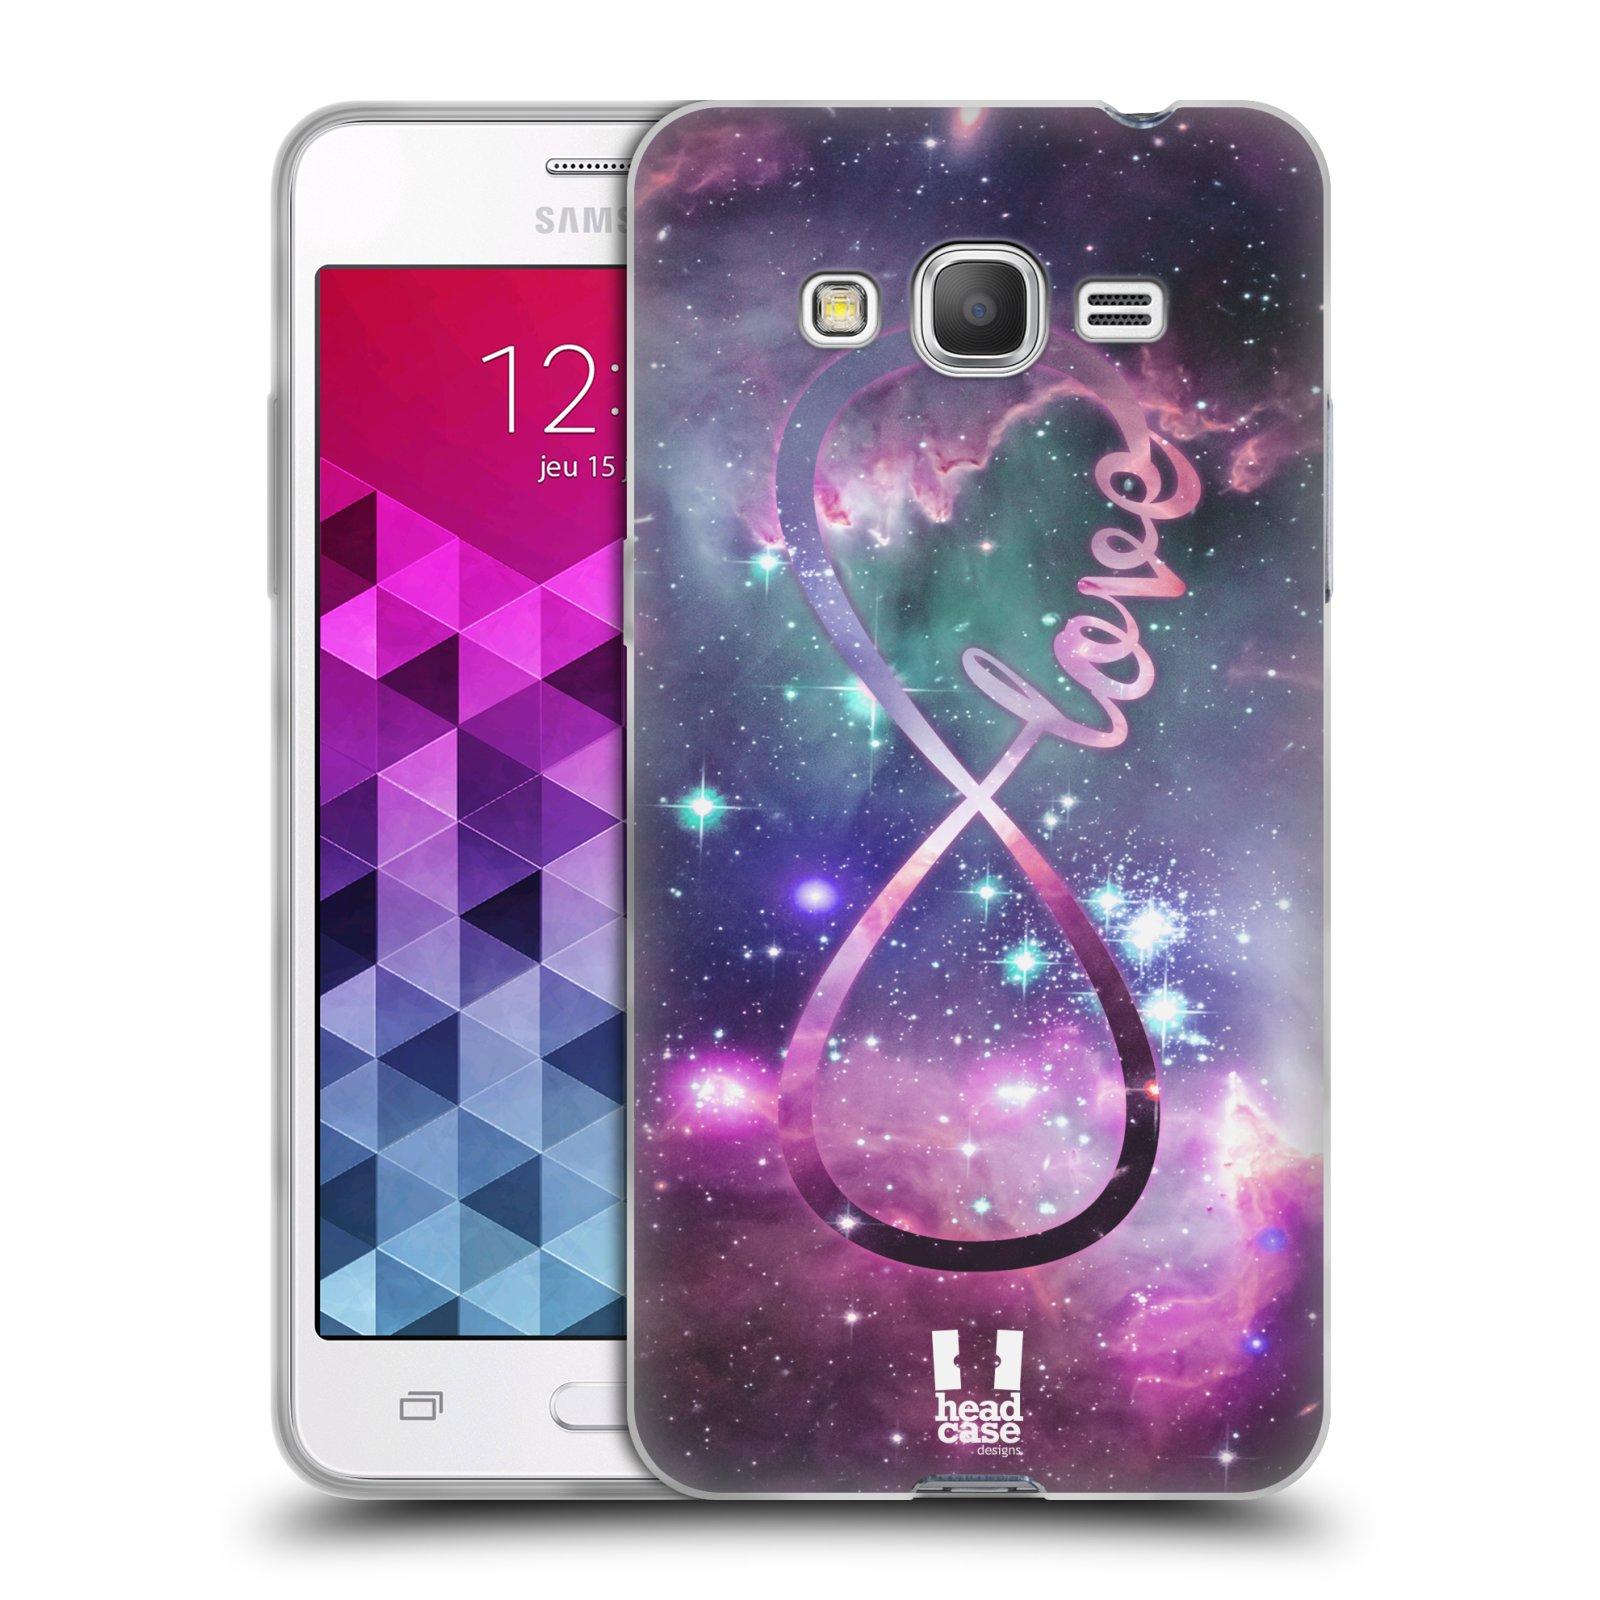 Silikonové pouzdro na mobil Samsung Galaxy Grand Prime HEAD CASE NEKONEČNÁ LÁSKA